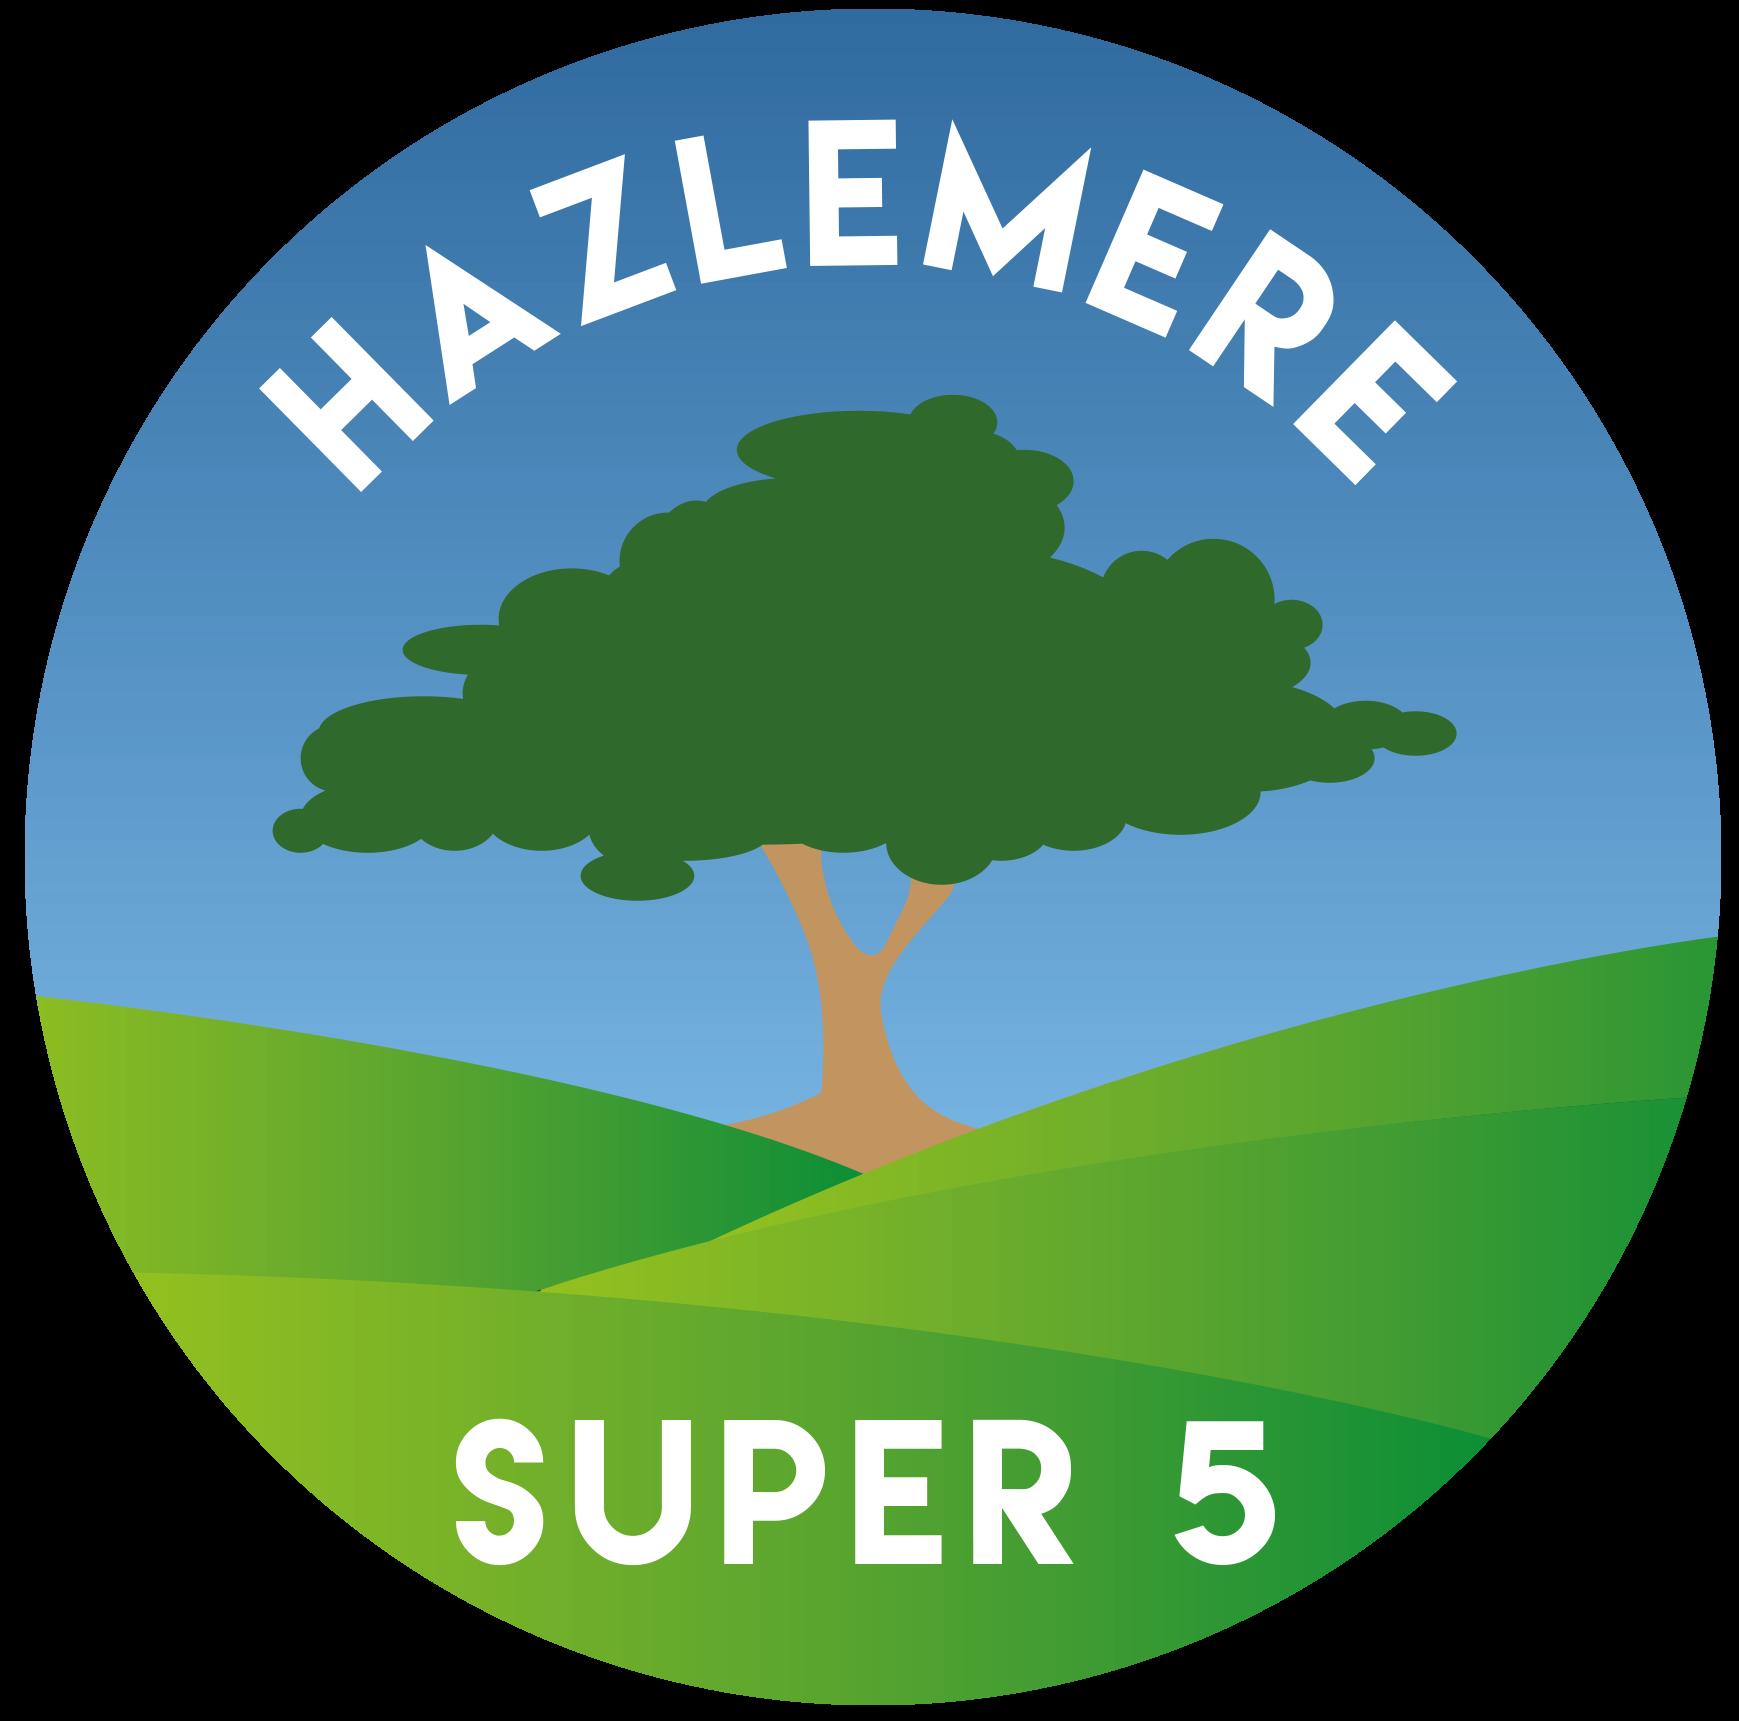 HazlemereSuper5